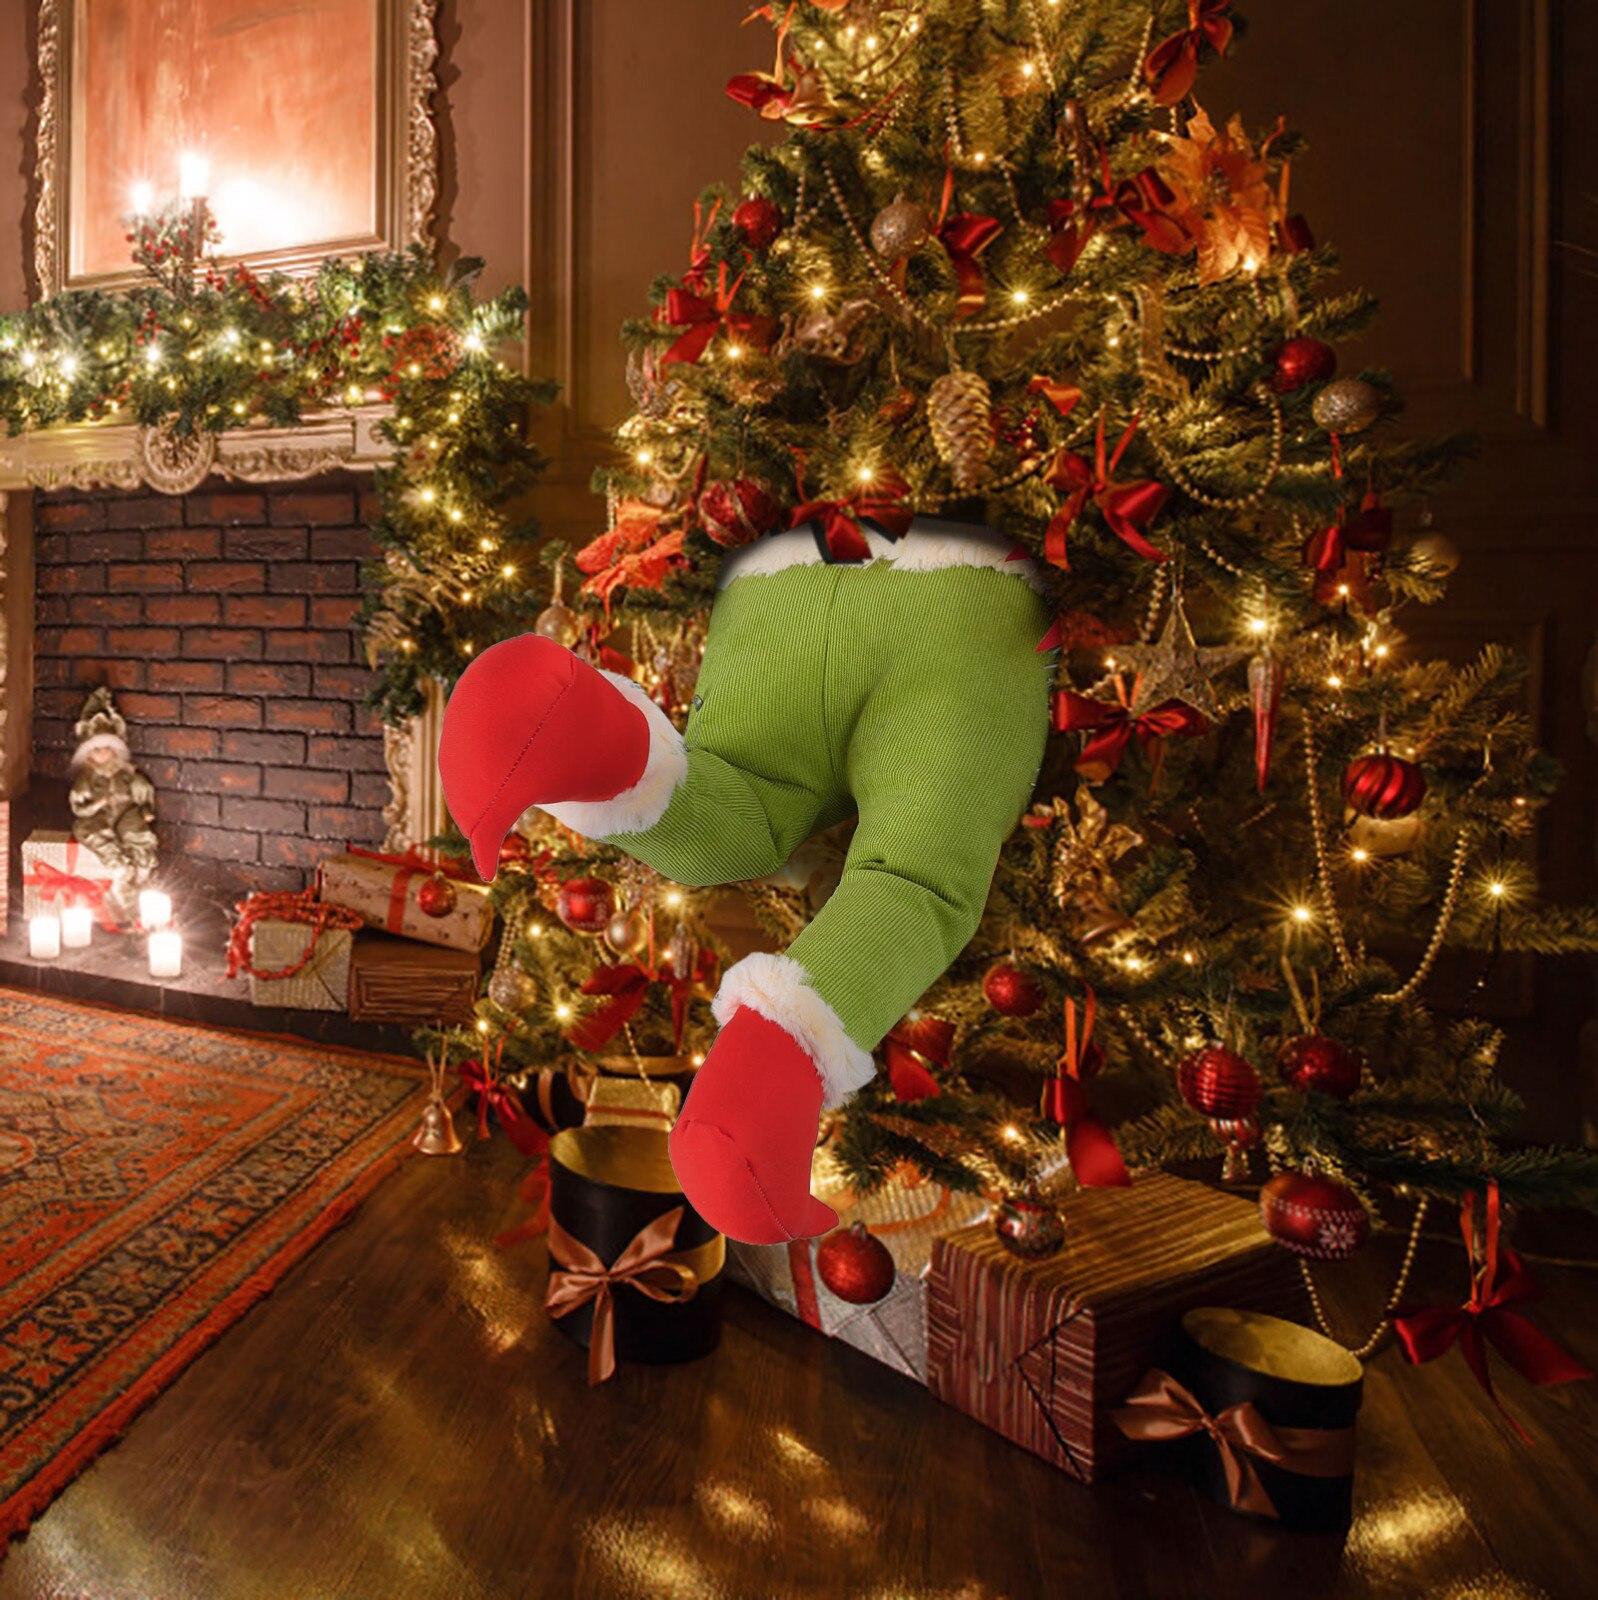 15.7in pernas de pelúcia para decorações de natal pernas recheadas para árvore de natal para casa ornamento decoração de mesa presente de natal ano novo